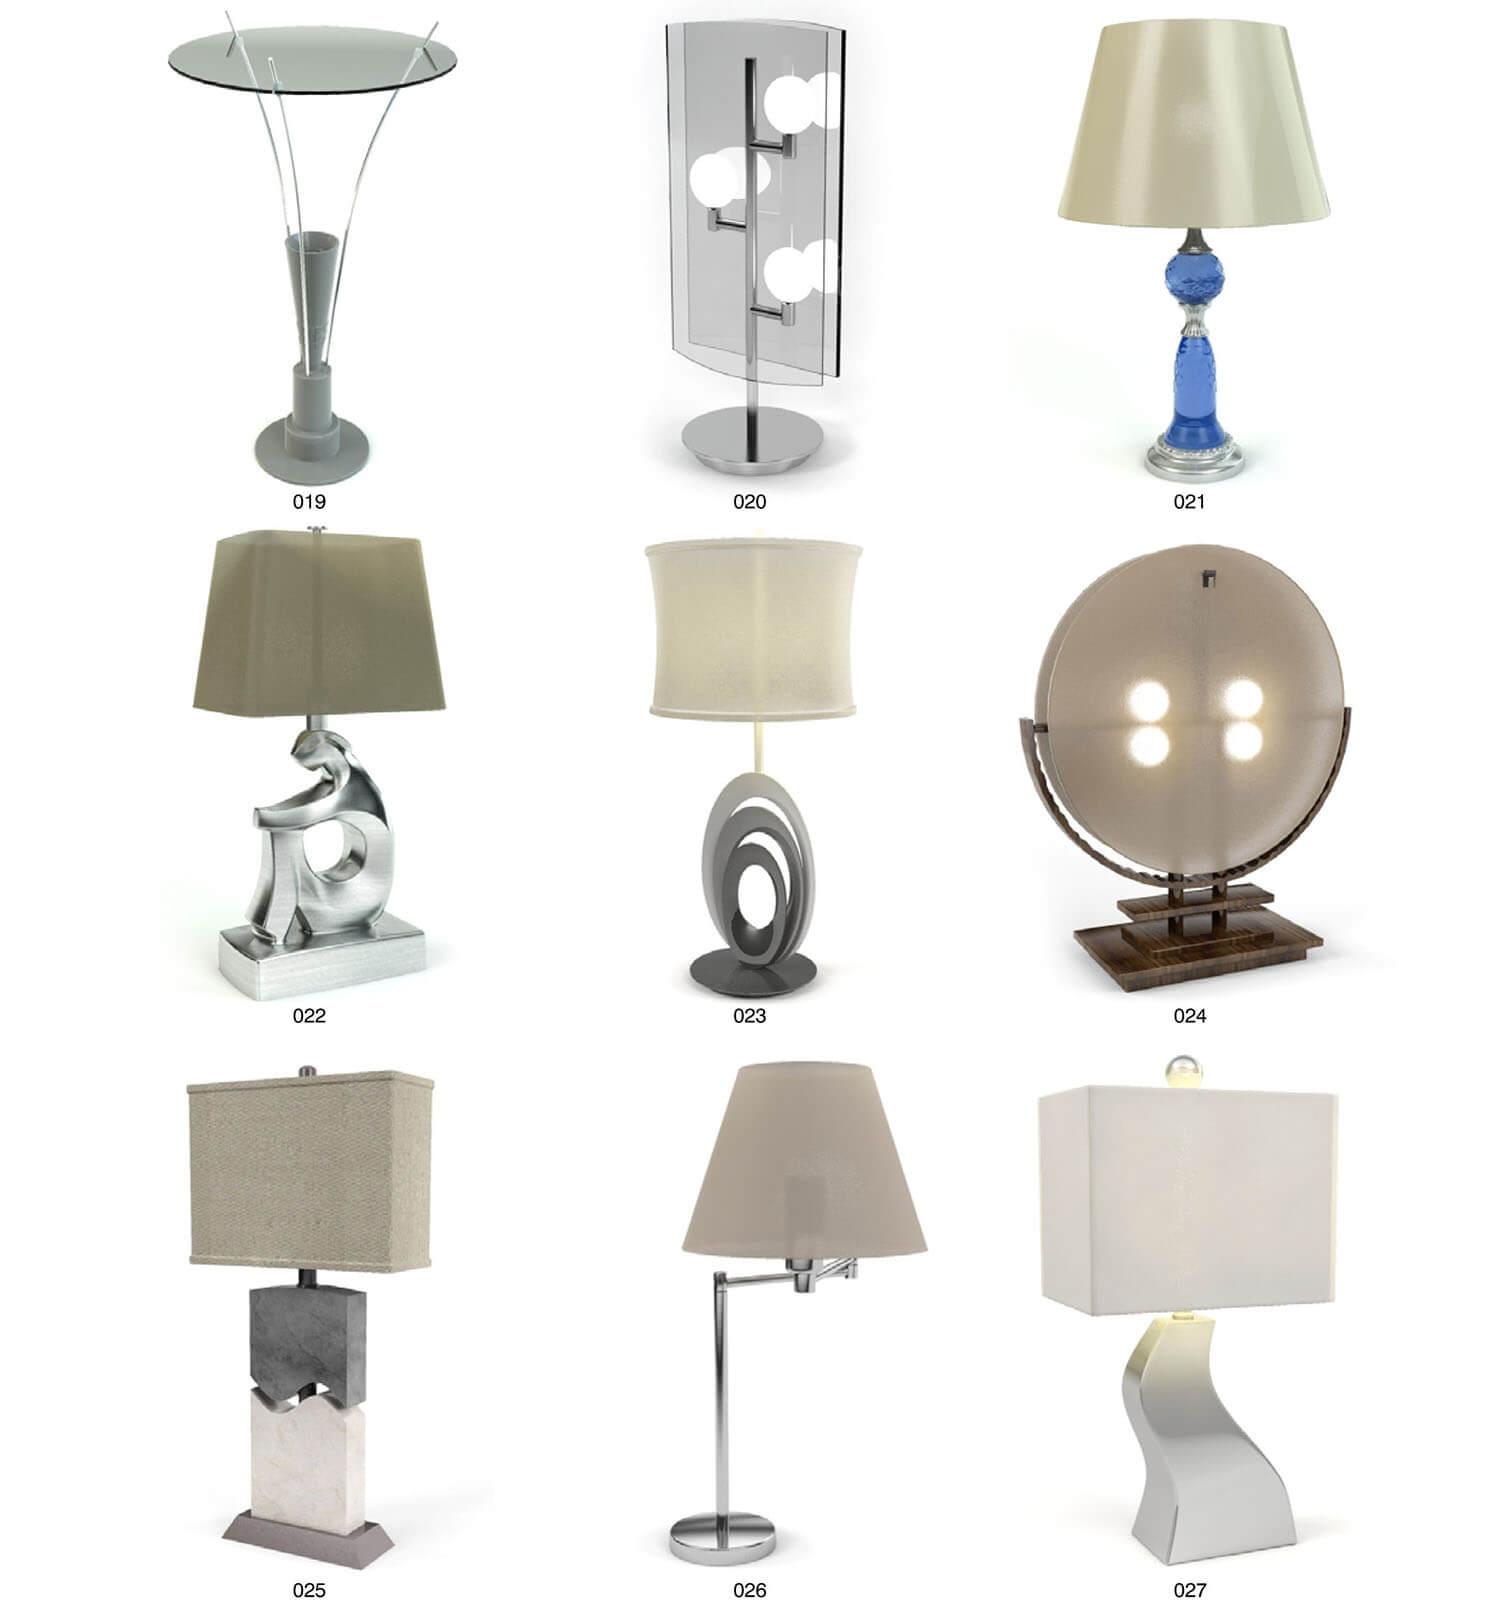 Các mẫu đèn với chi tiết tinh xảo, hơi hướng kiến trúc cổ